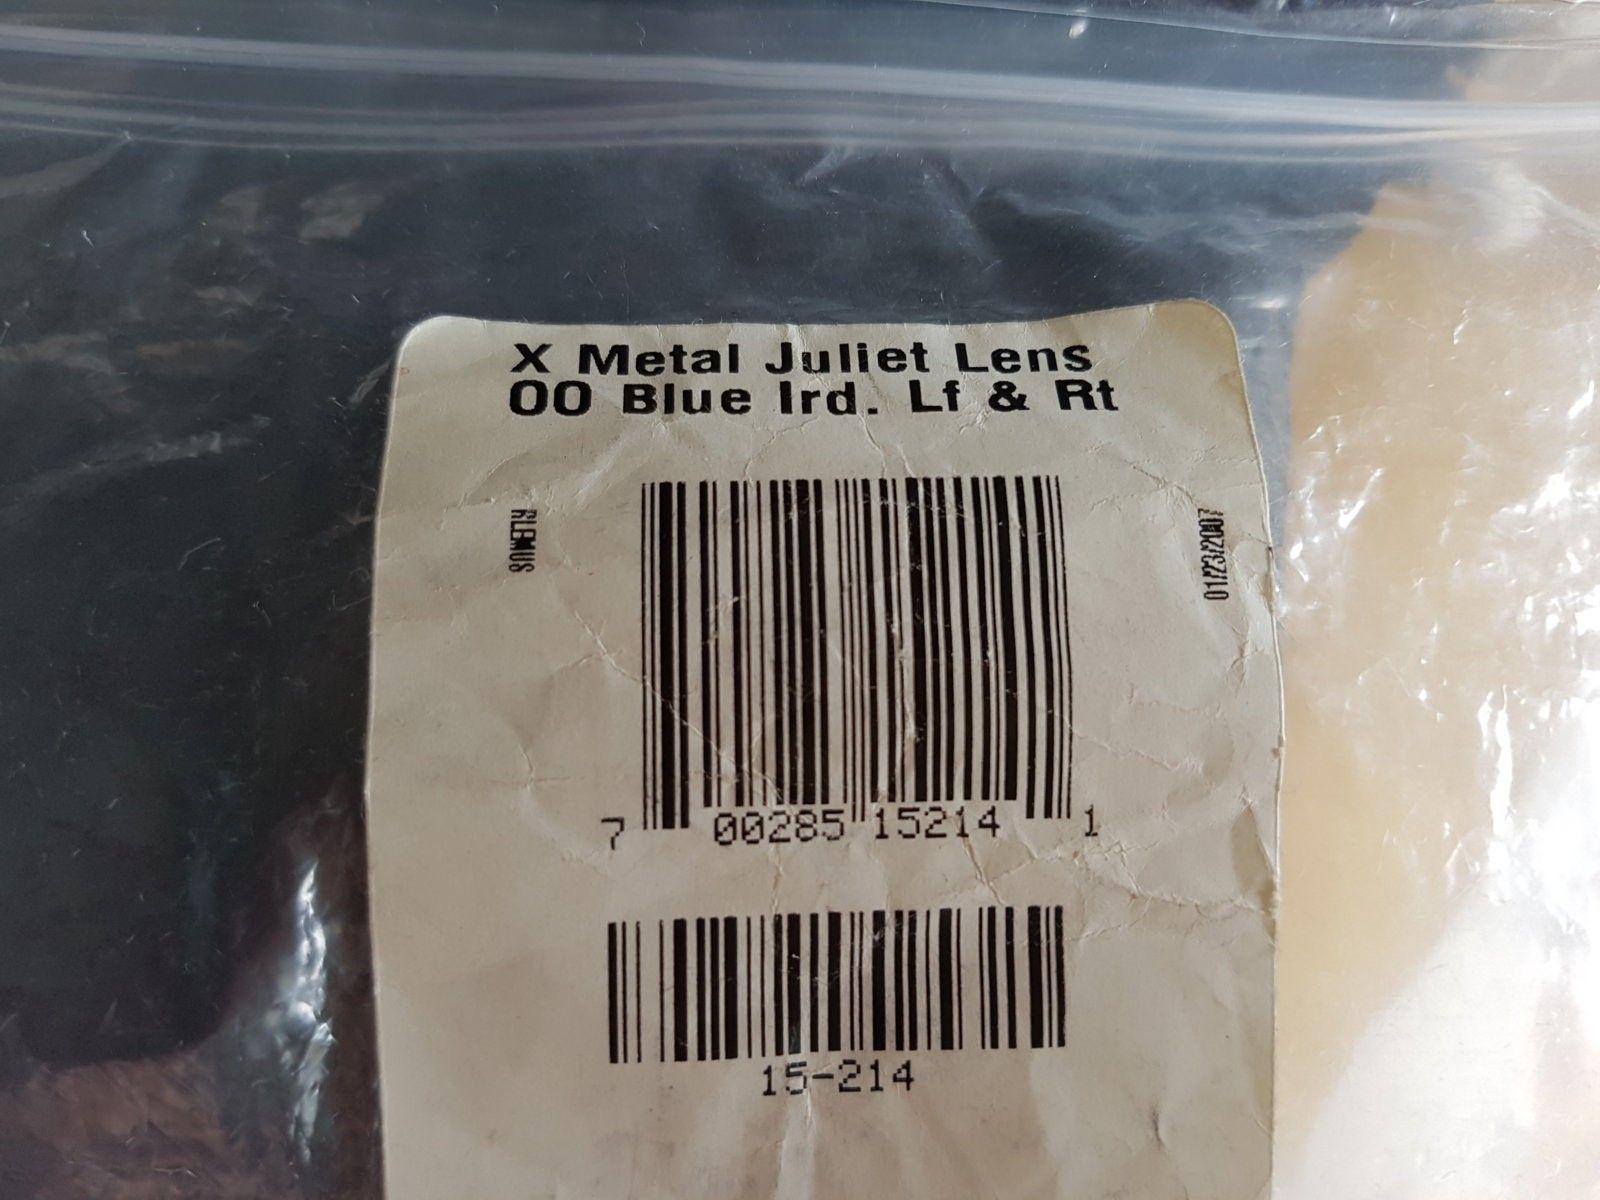 oo blue iridium lenses - 20160612_162720.jpg